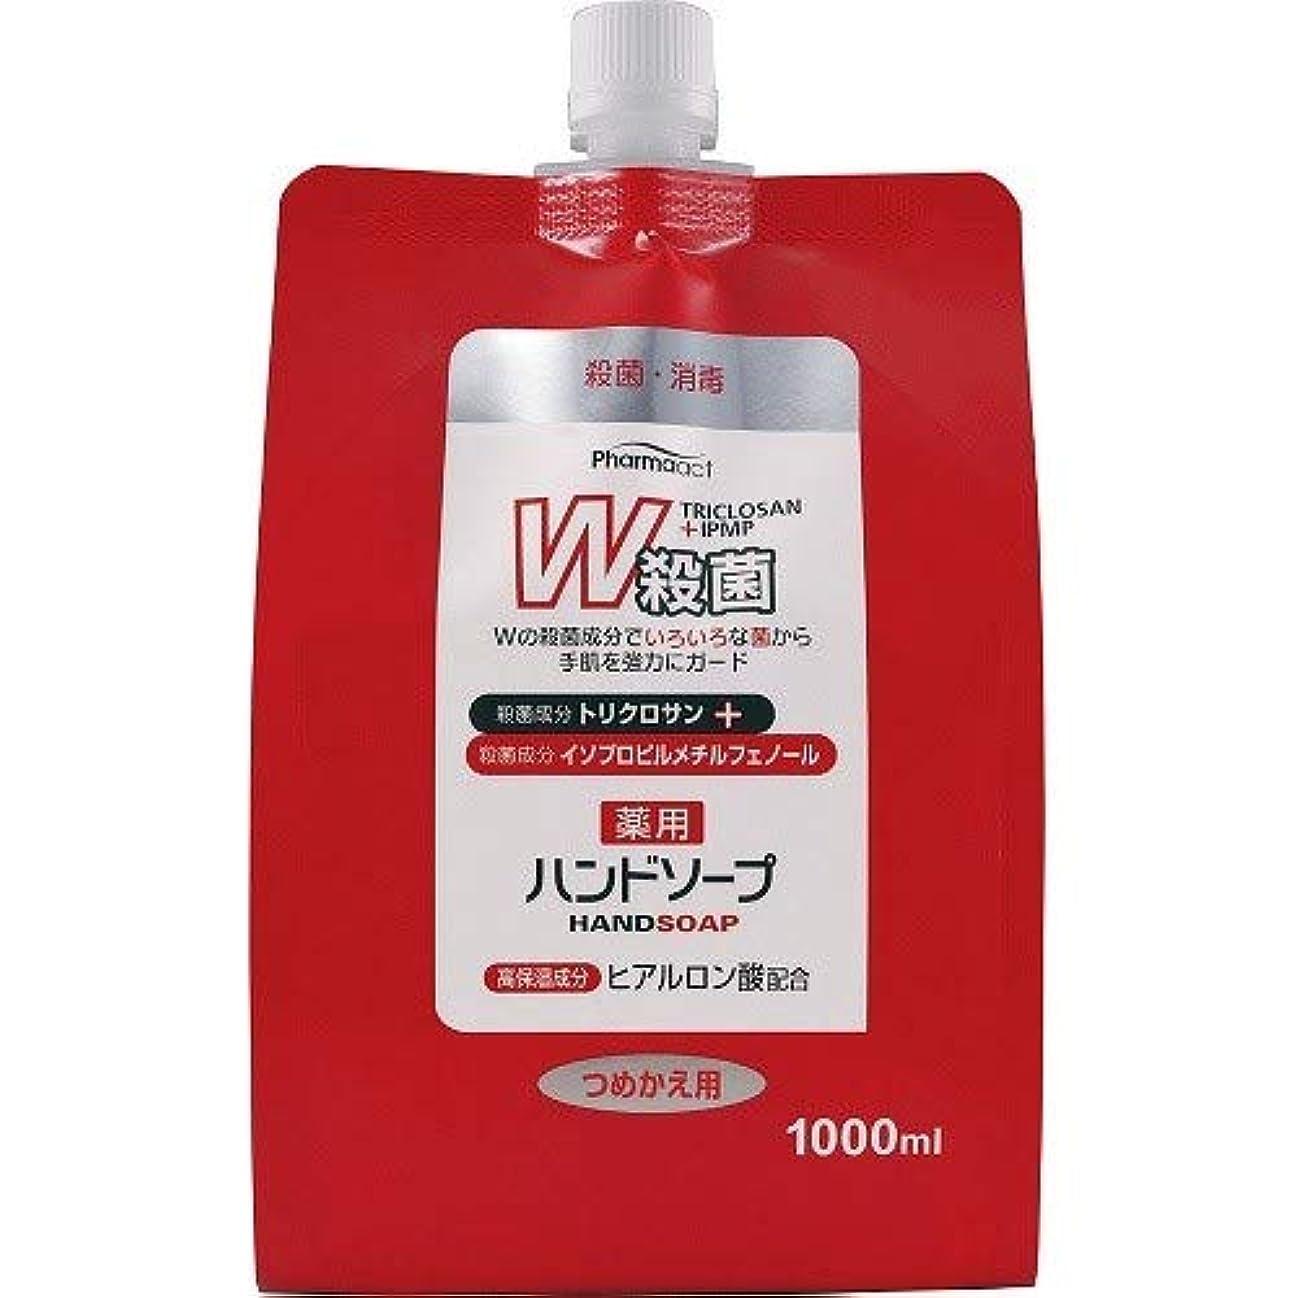 コークス質量高尚なファーマアクト W殺菌薬用ハンドソープ スパウト付き詰替 1000ml